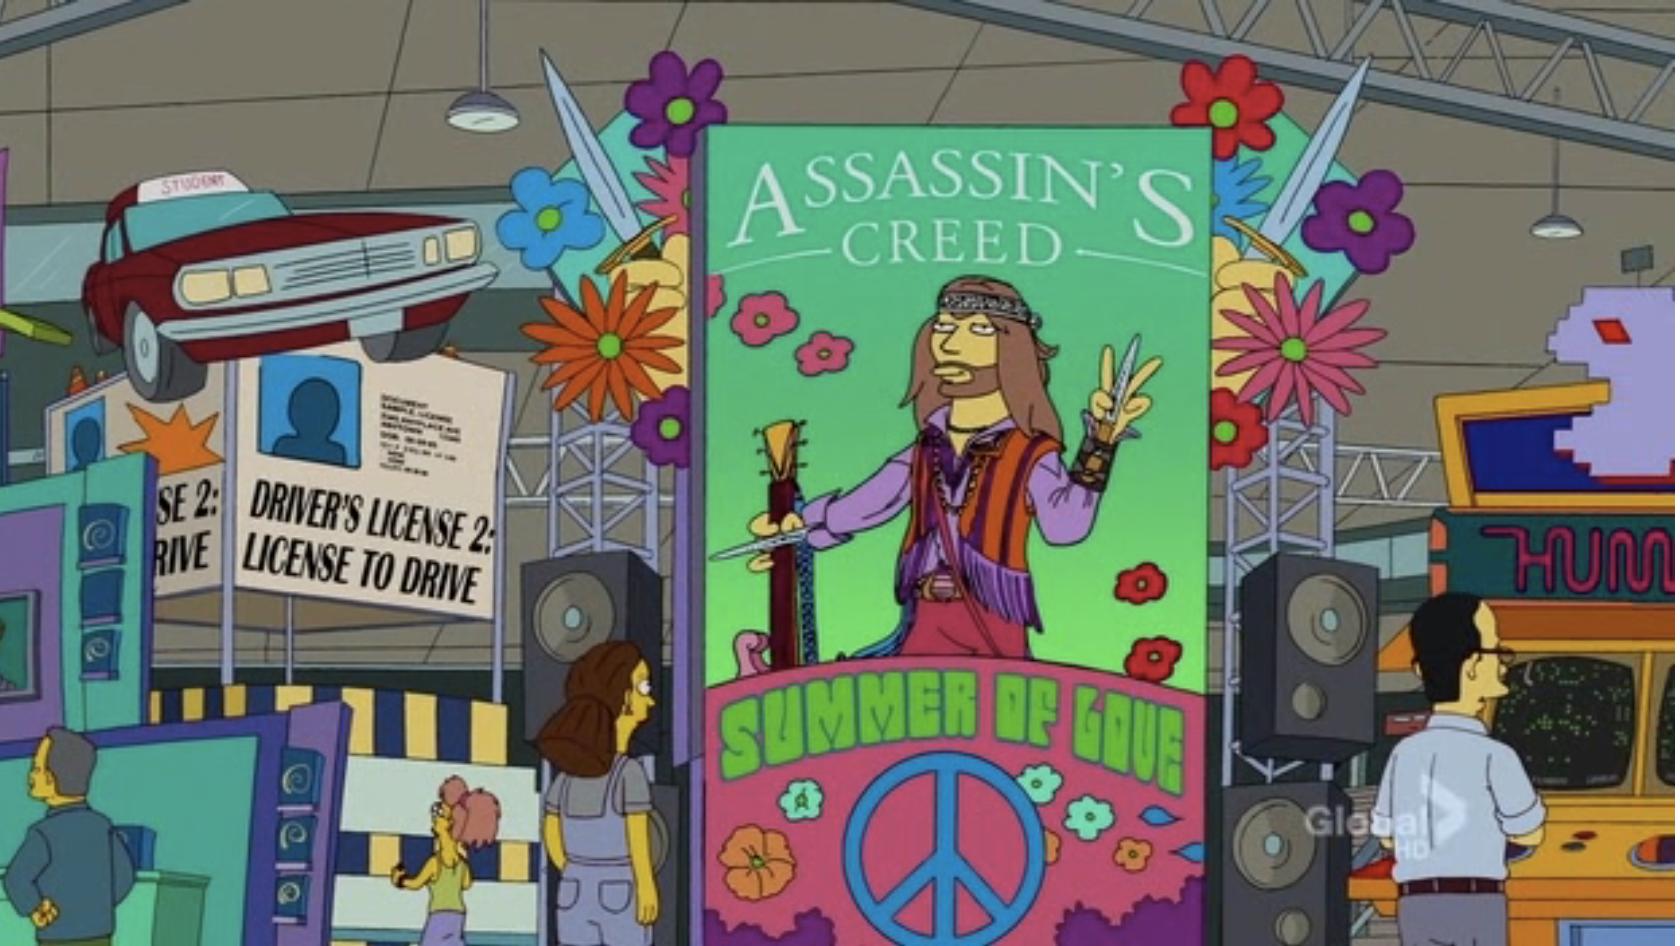 Assassinscreedsummoeroflove.png